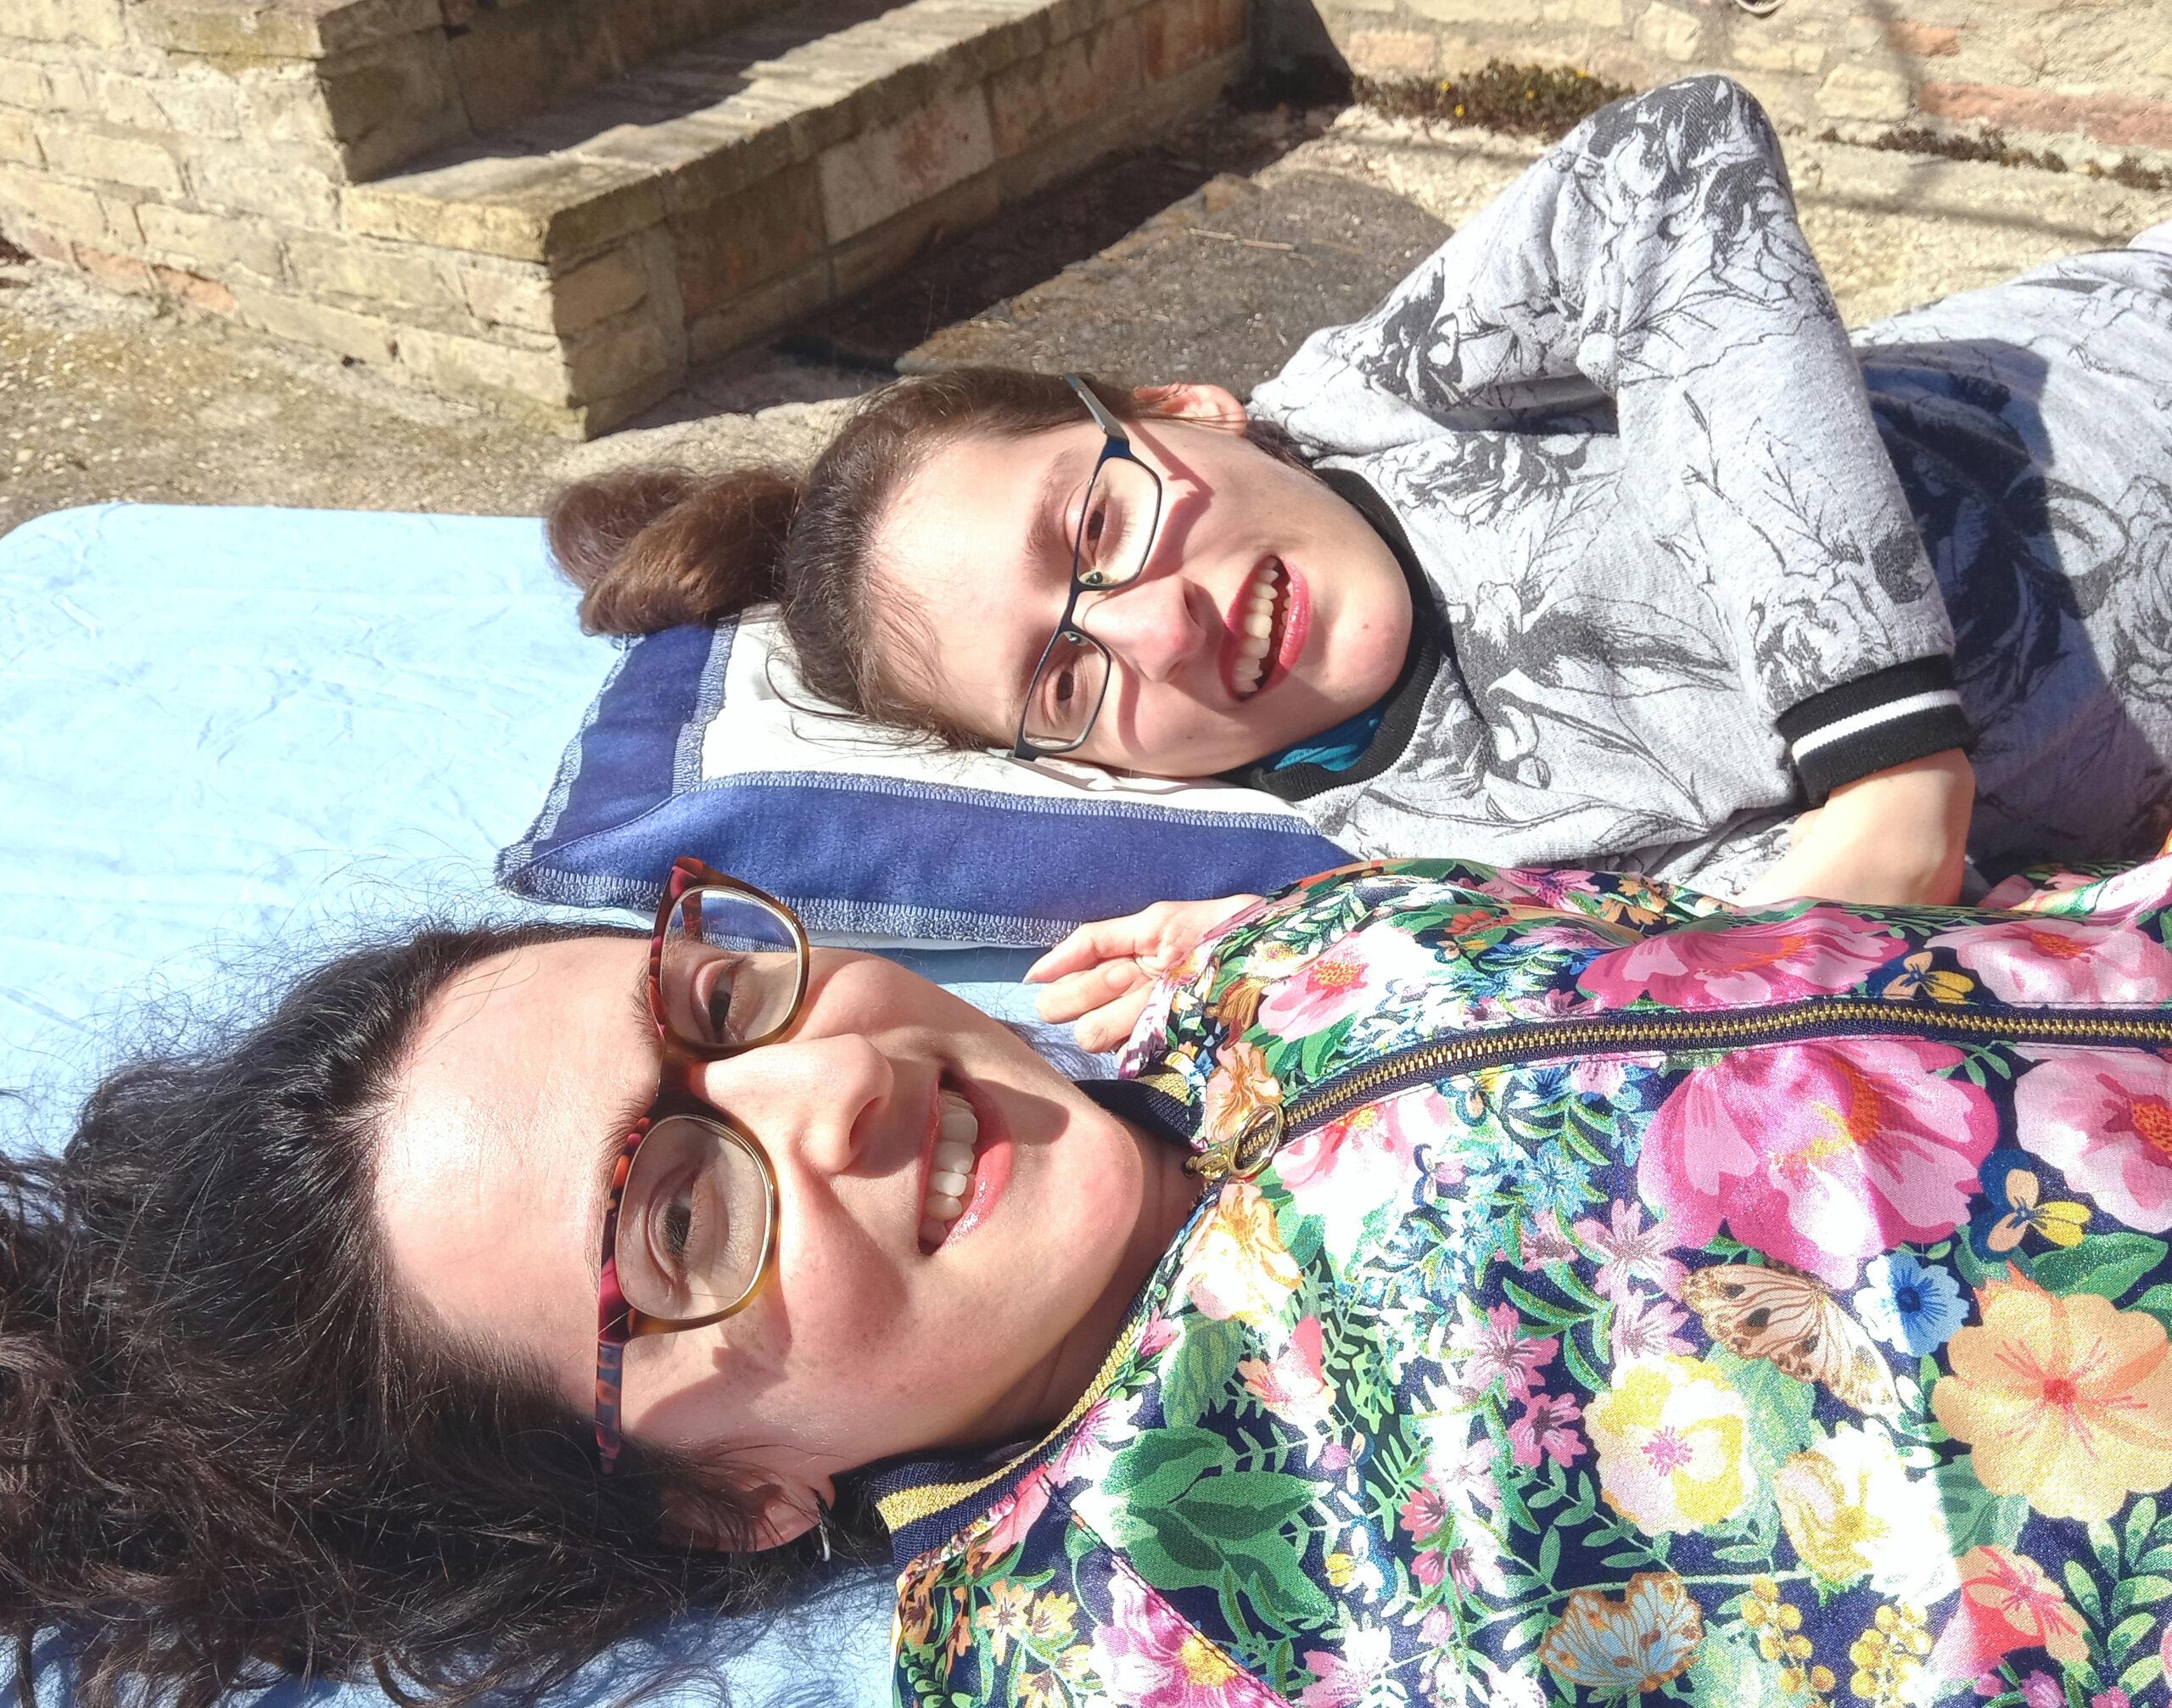 Elena e M. Chiara sono sdraiate su una brandina davanti a casa e sorridono nonostante un sole impietoso negli occhi. Elena ha una felpa a motivi floreali grigia e M. Chiara una felpa lucida colorata.